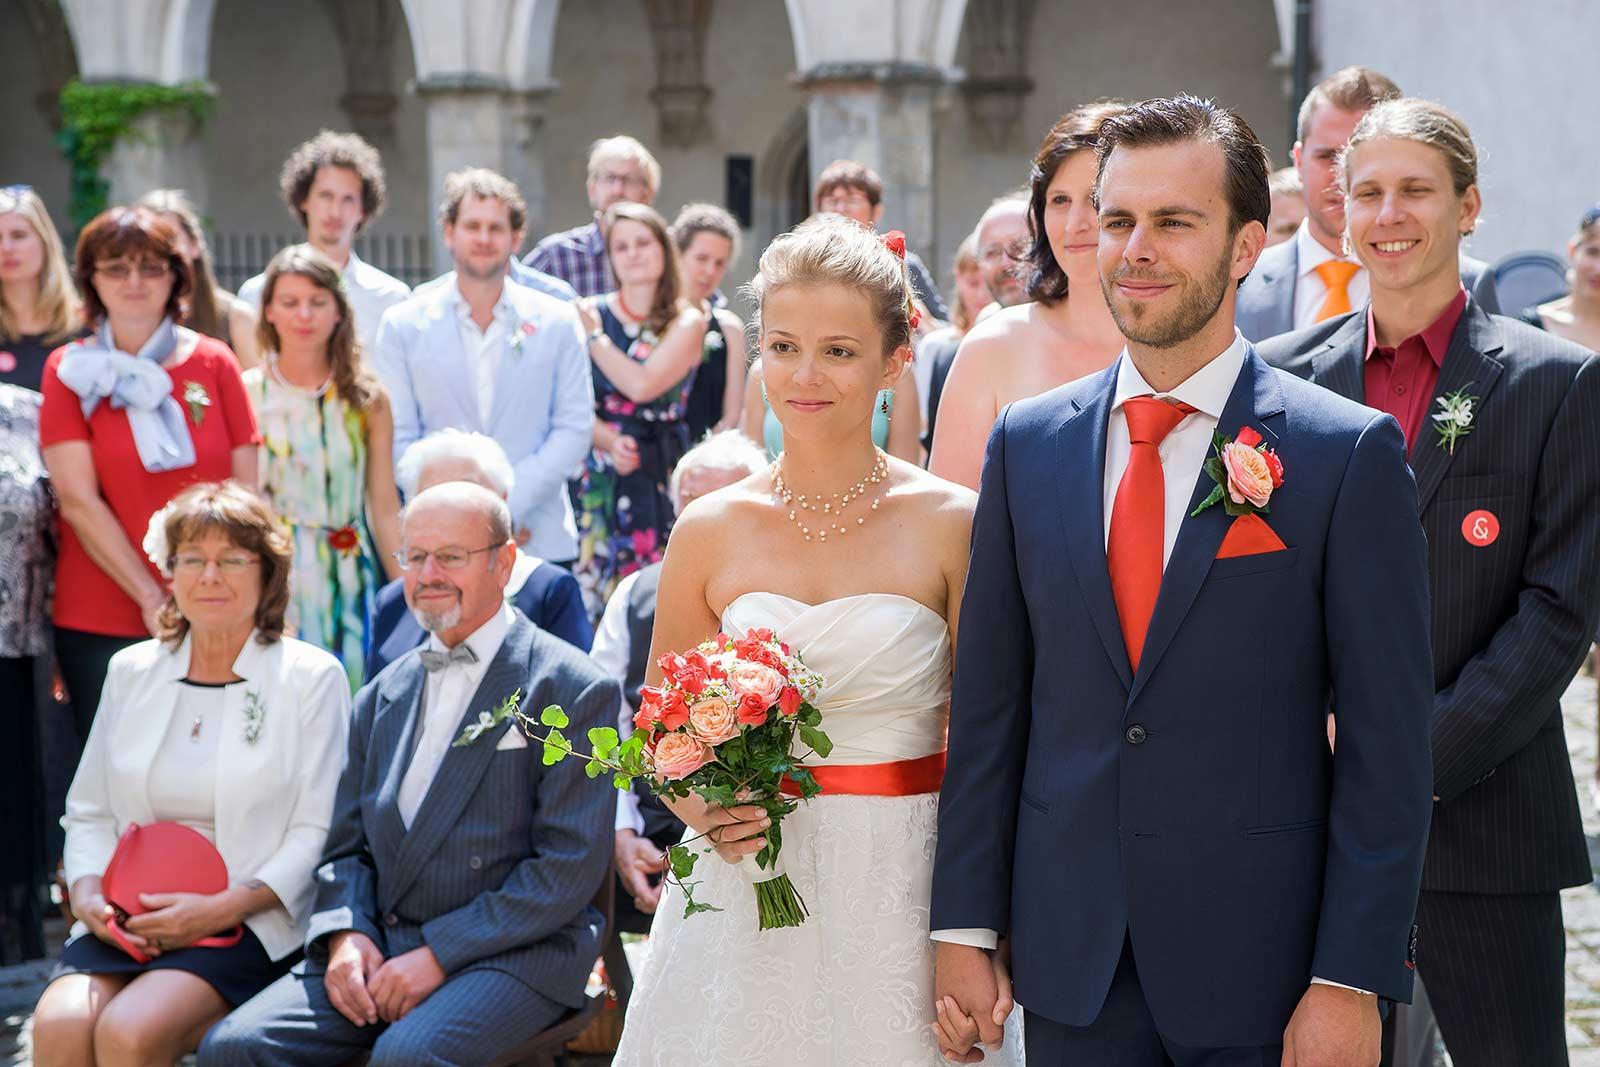 06 svatebni obrad na hrade zvikov svatebni fotograf ales motej